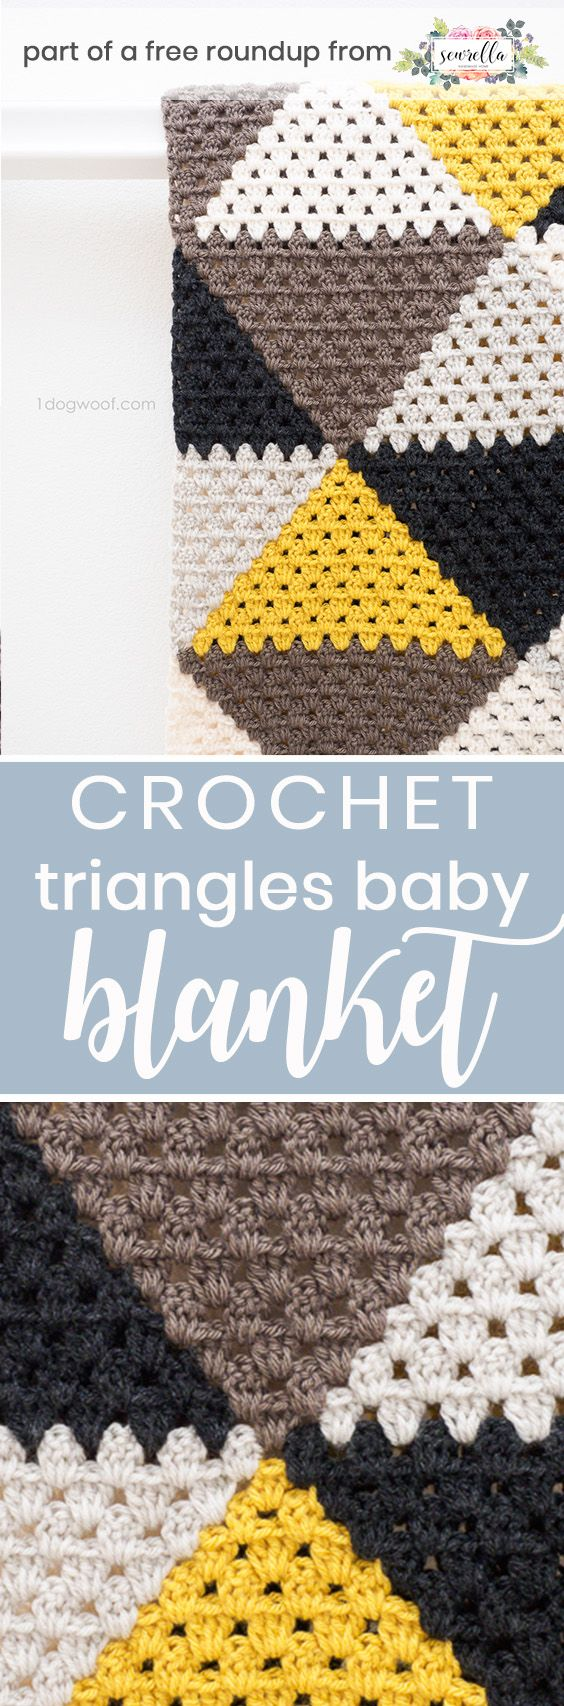 Gender Neutral Crochet Baby Blanket Roundup | Häkelmuster und Häkeln